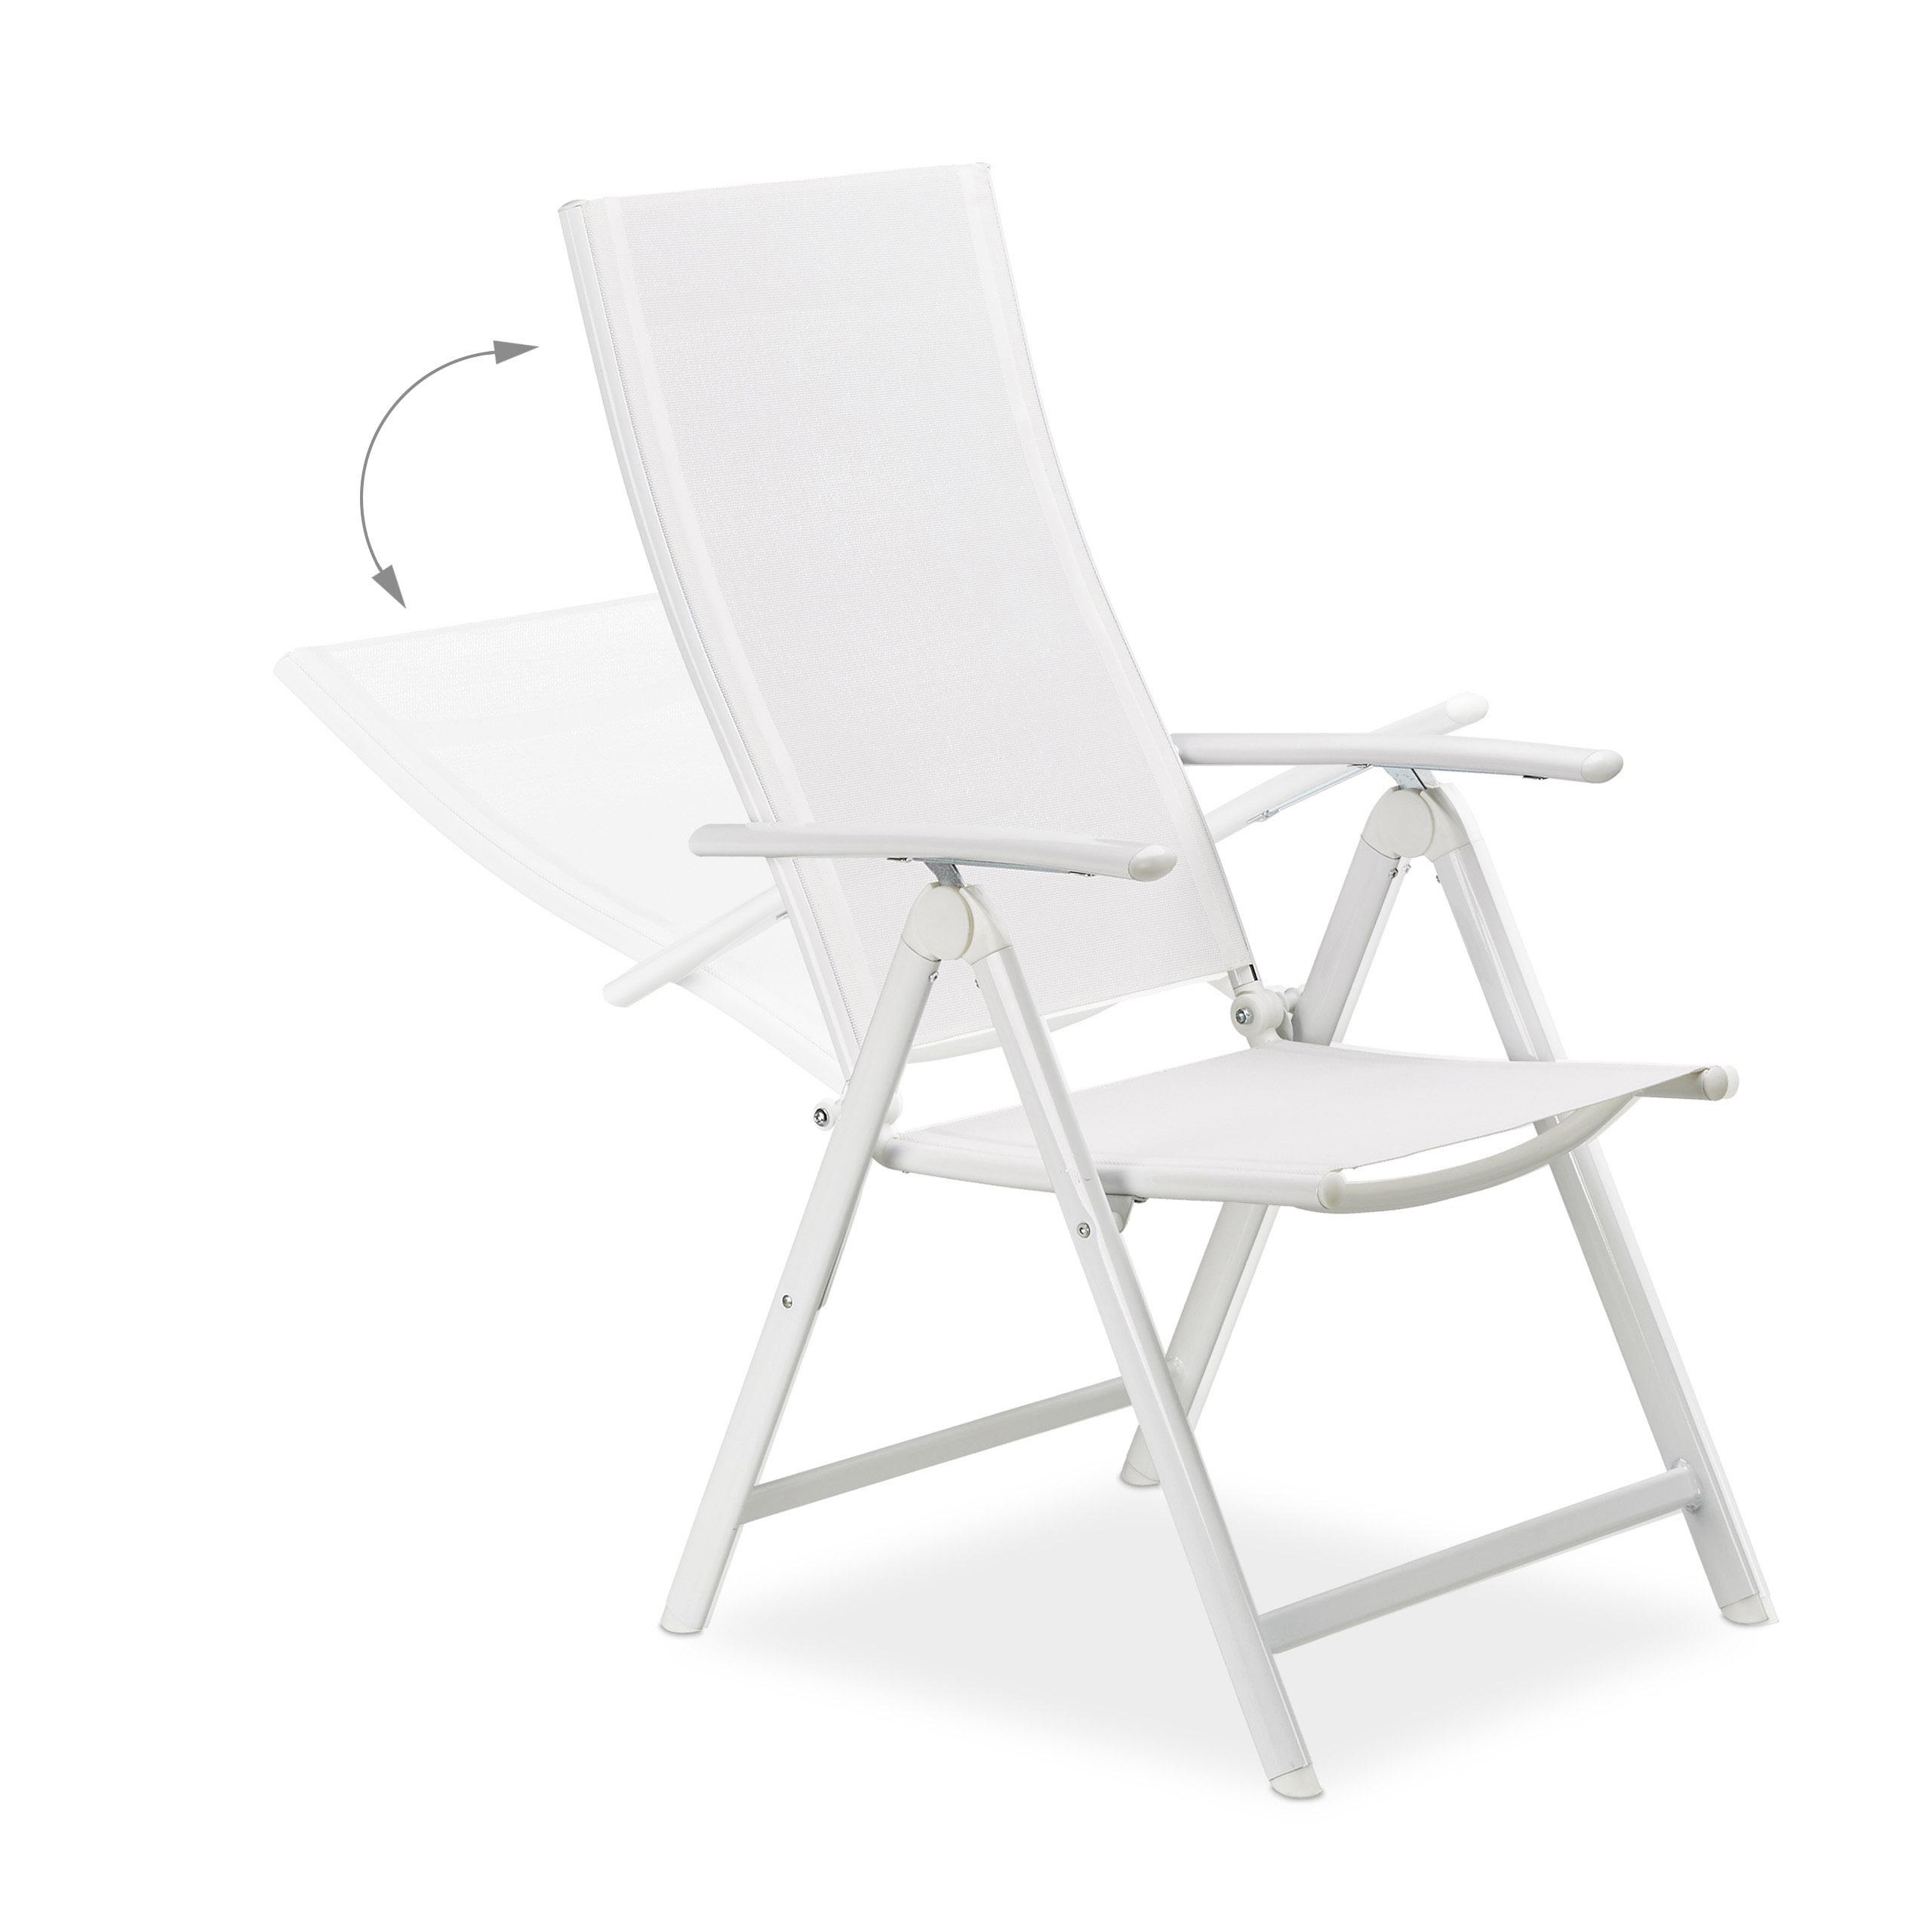 gartenstuhl alu klappbar auf. Black Bedroom Furniture Sets. Home Design Ideas